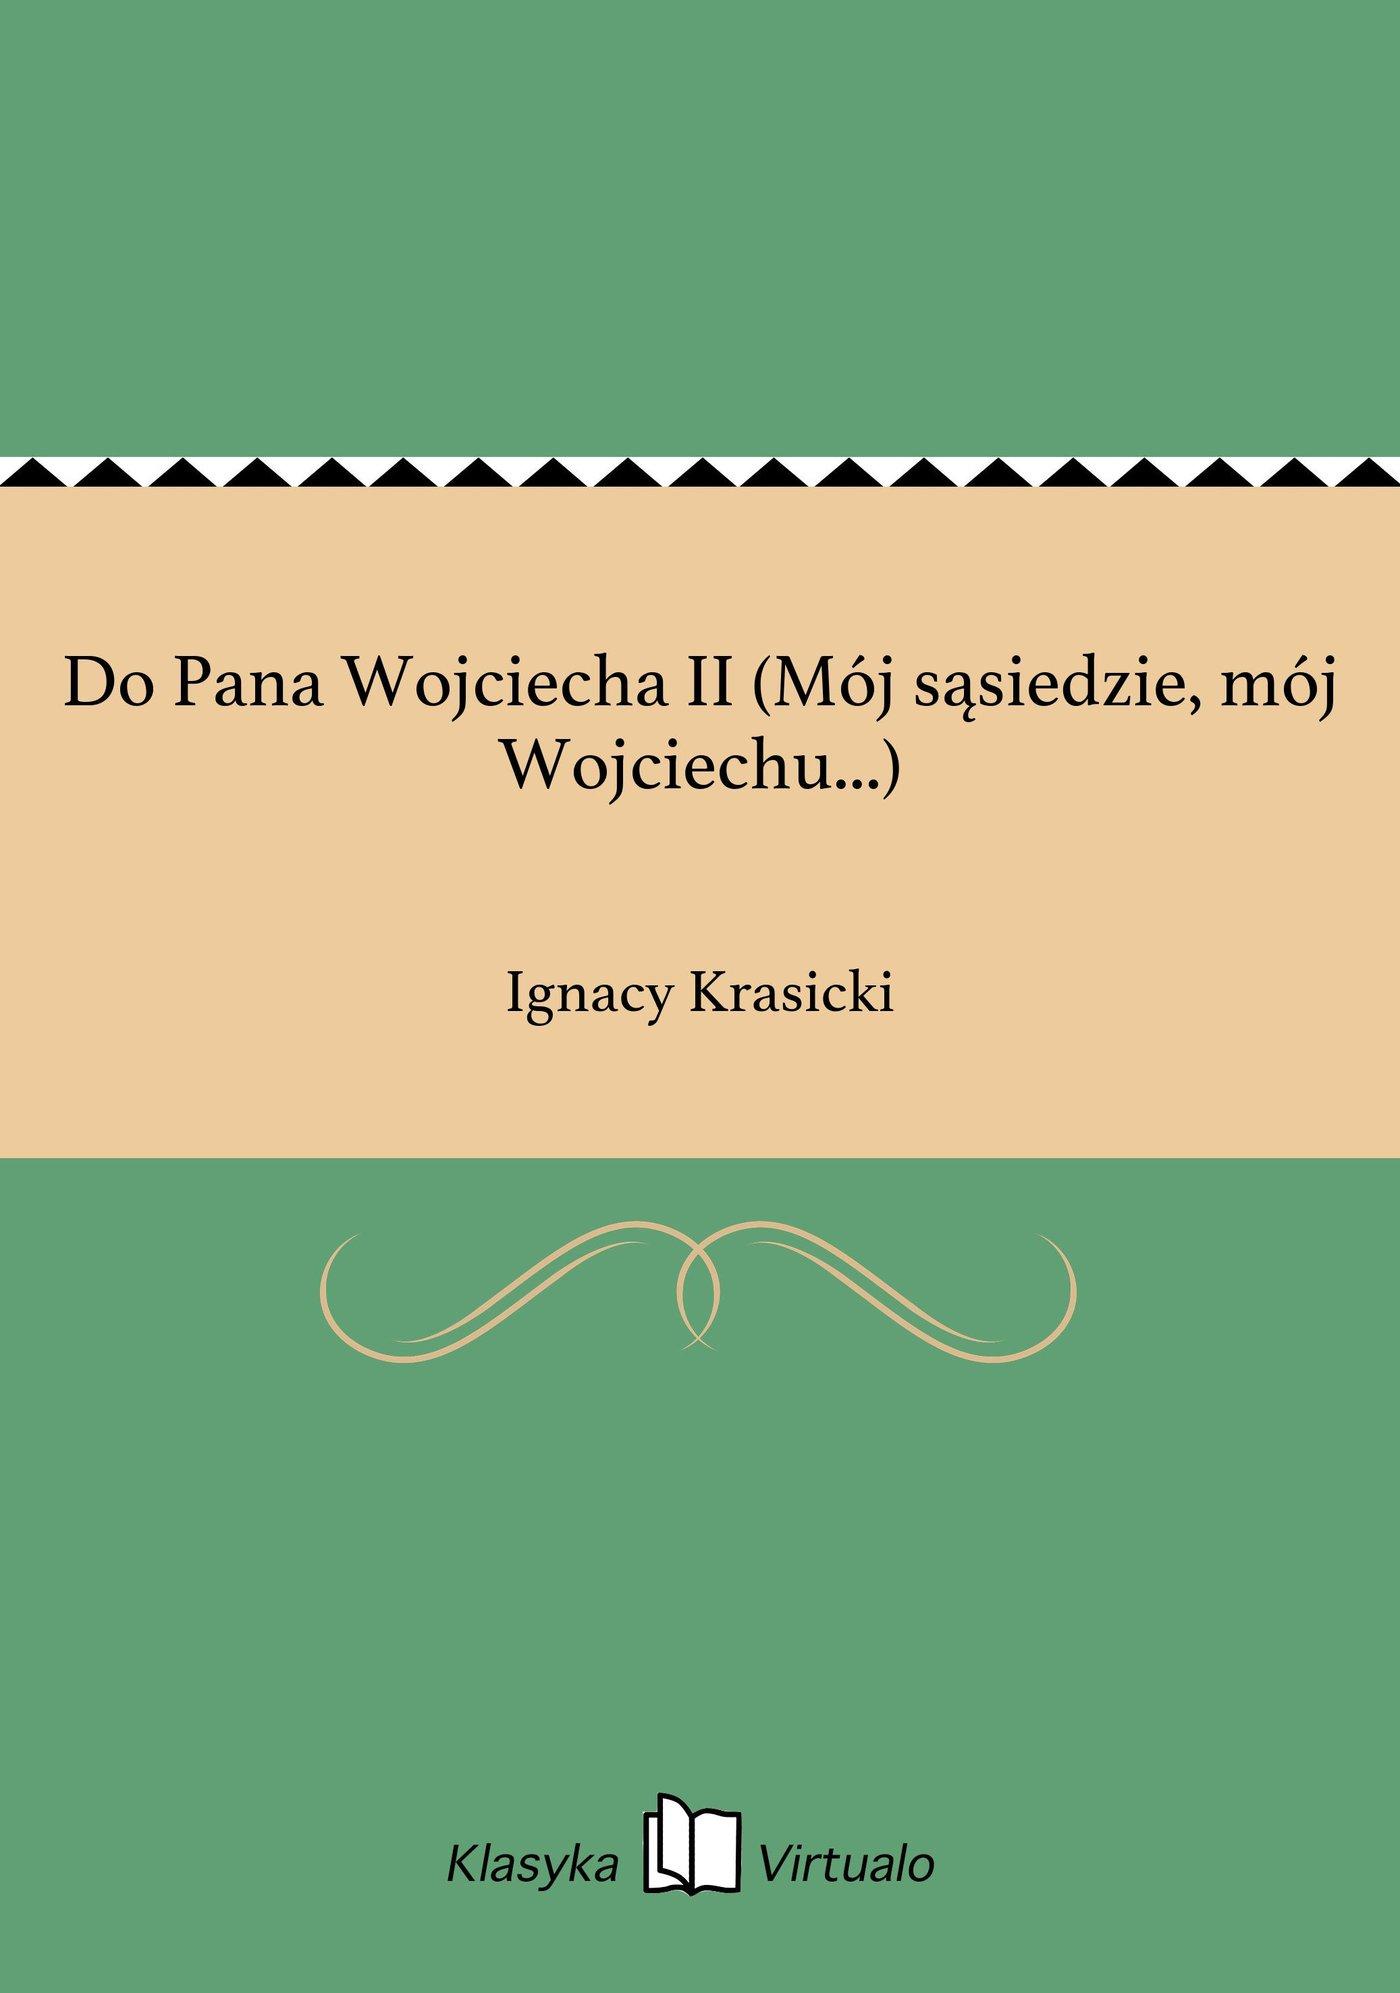 Do Pana Wojciecha II (Mój sąsiedzie, mój Wojciechu...) - Ebook (Książka na Kindle) do pobrania w formacie MOBI